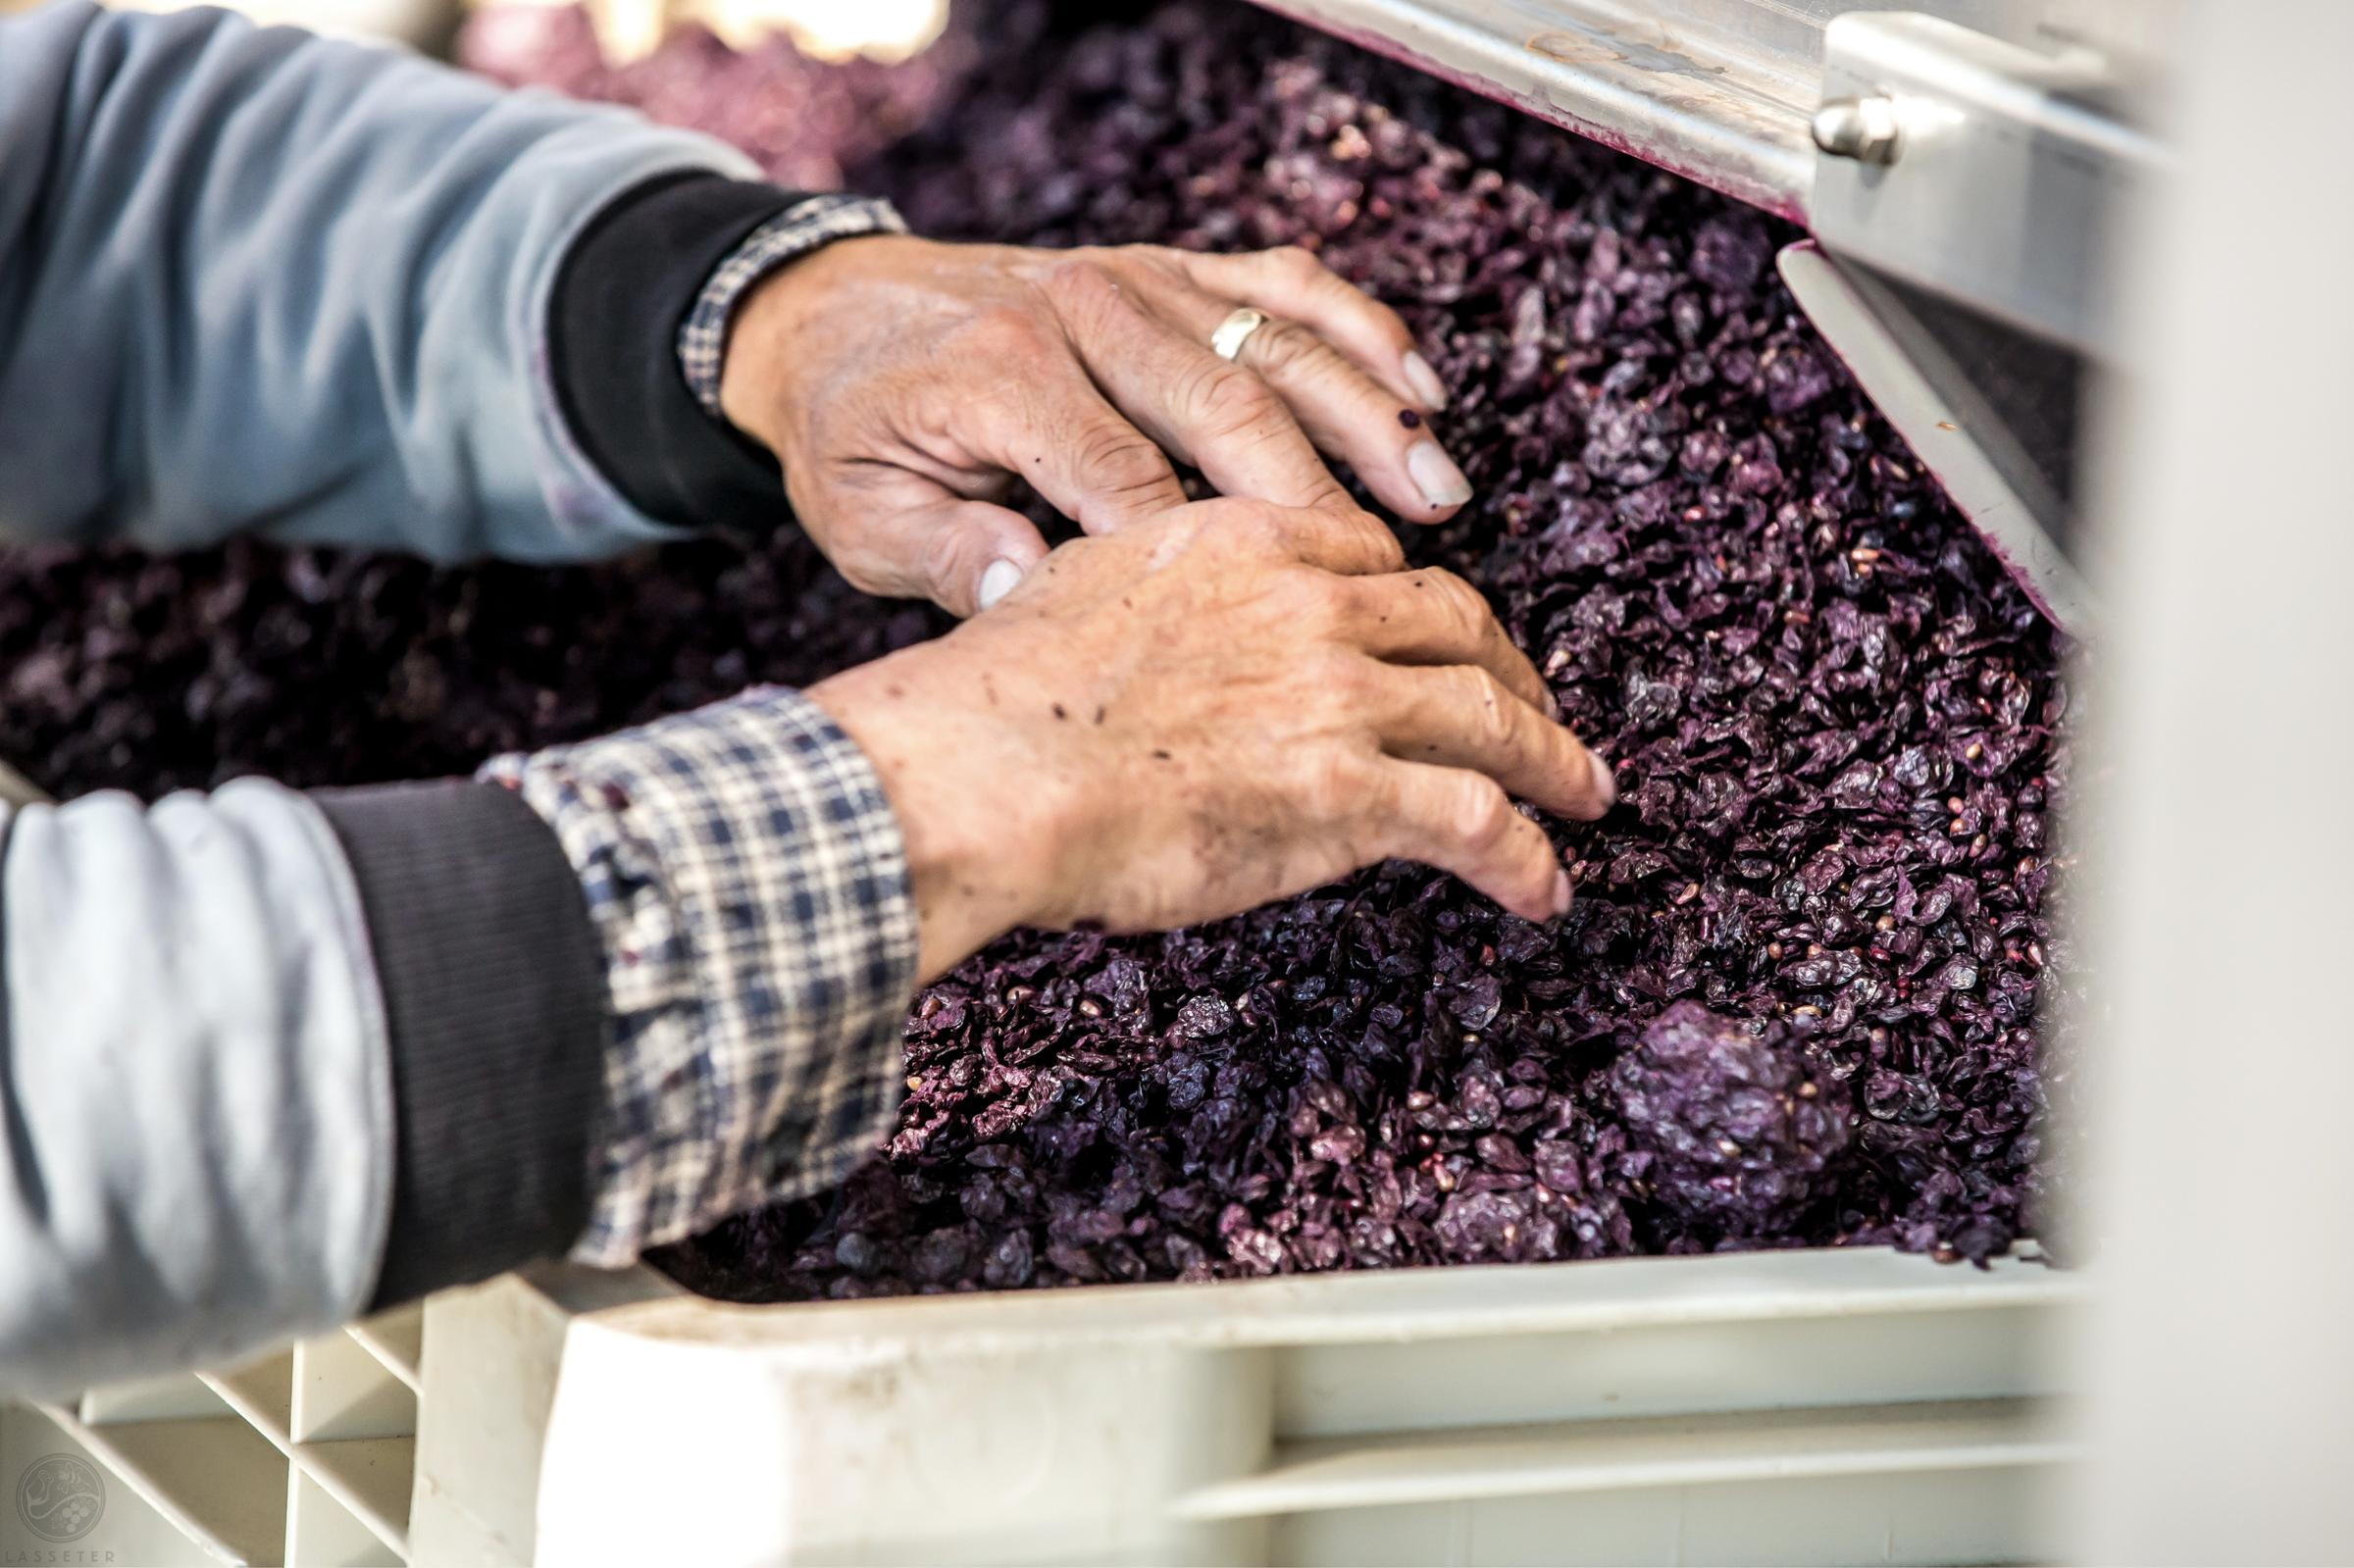 https://a.storyblok.com/f/105614/4082x2720/3c65b895c8/ward-wines_07.jpg